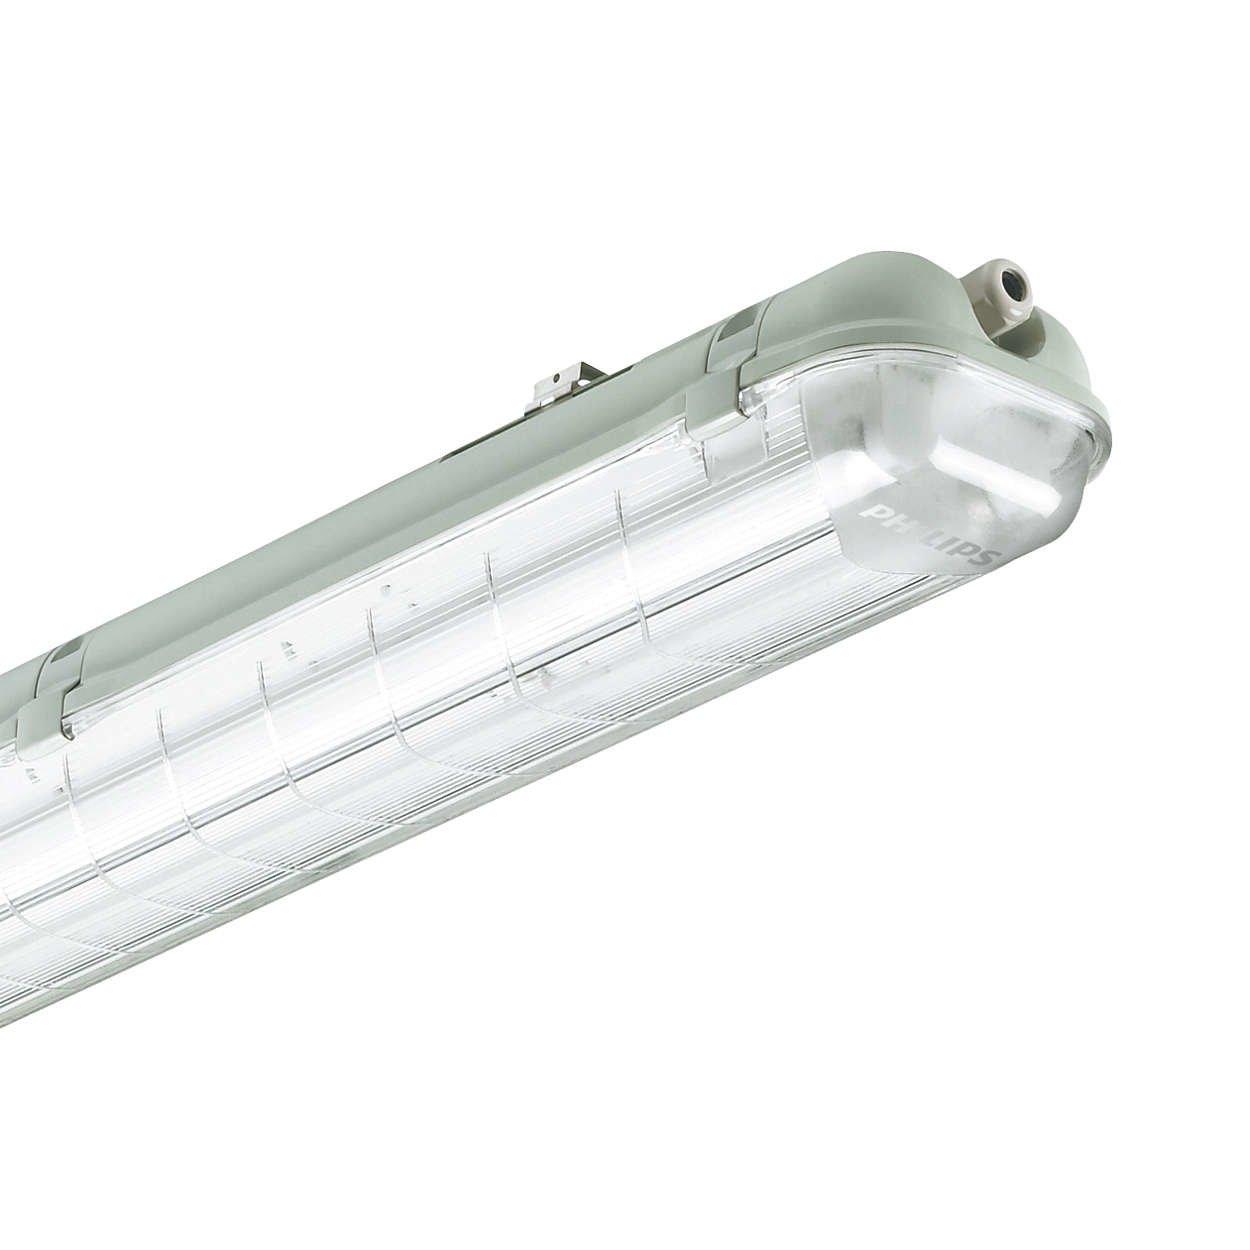 Philips Feuchtraumwannenleuchte Feuchtraum Lampe Wandleuchte Leuchtstofflampe 2x 18Watt EVG IP65 TCW060